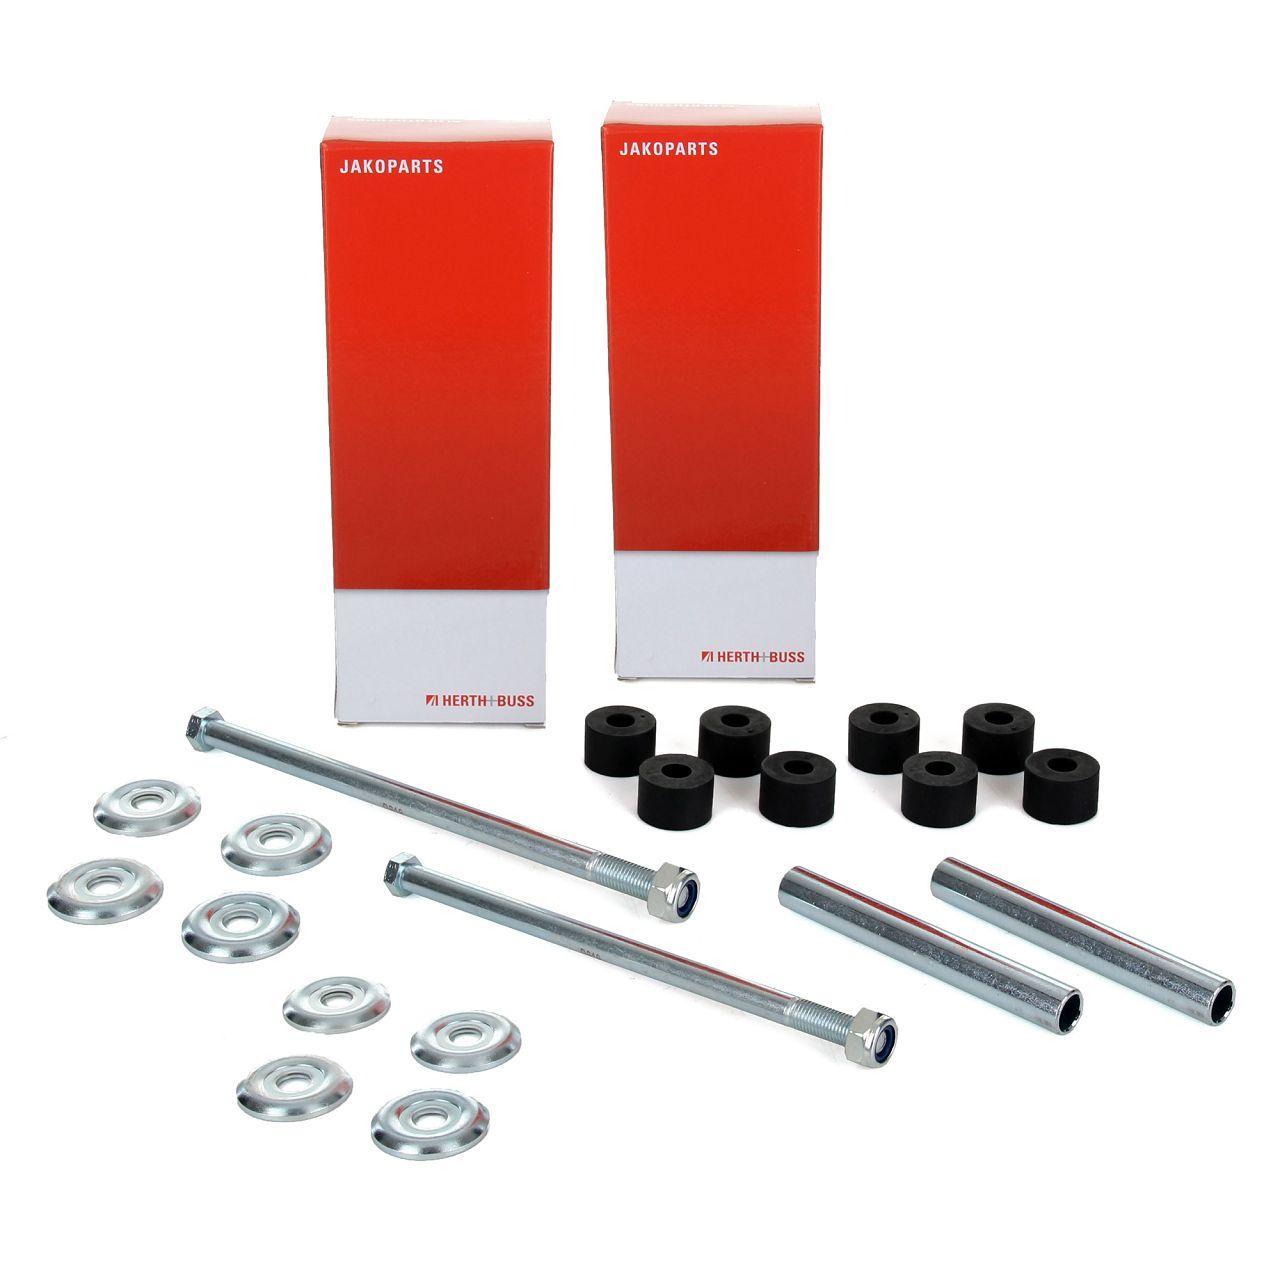 2x HERTH+BUSS JAKOPARTS Koppelstange Pendelstütze für KIA K2500 (SD) K2900 vorne